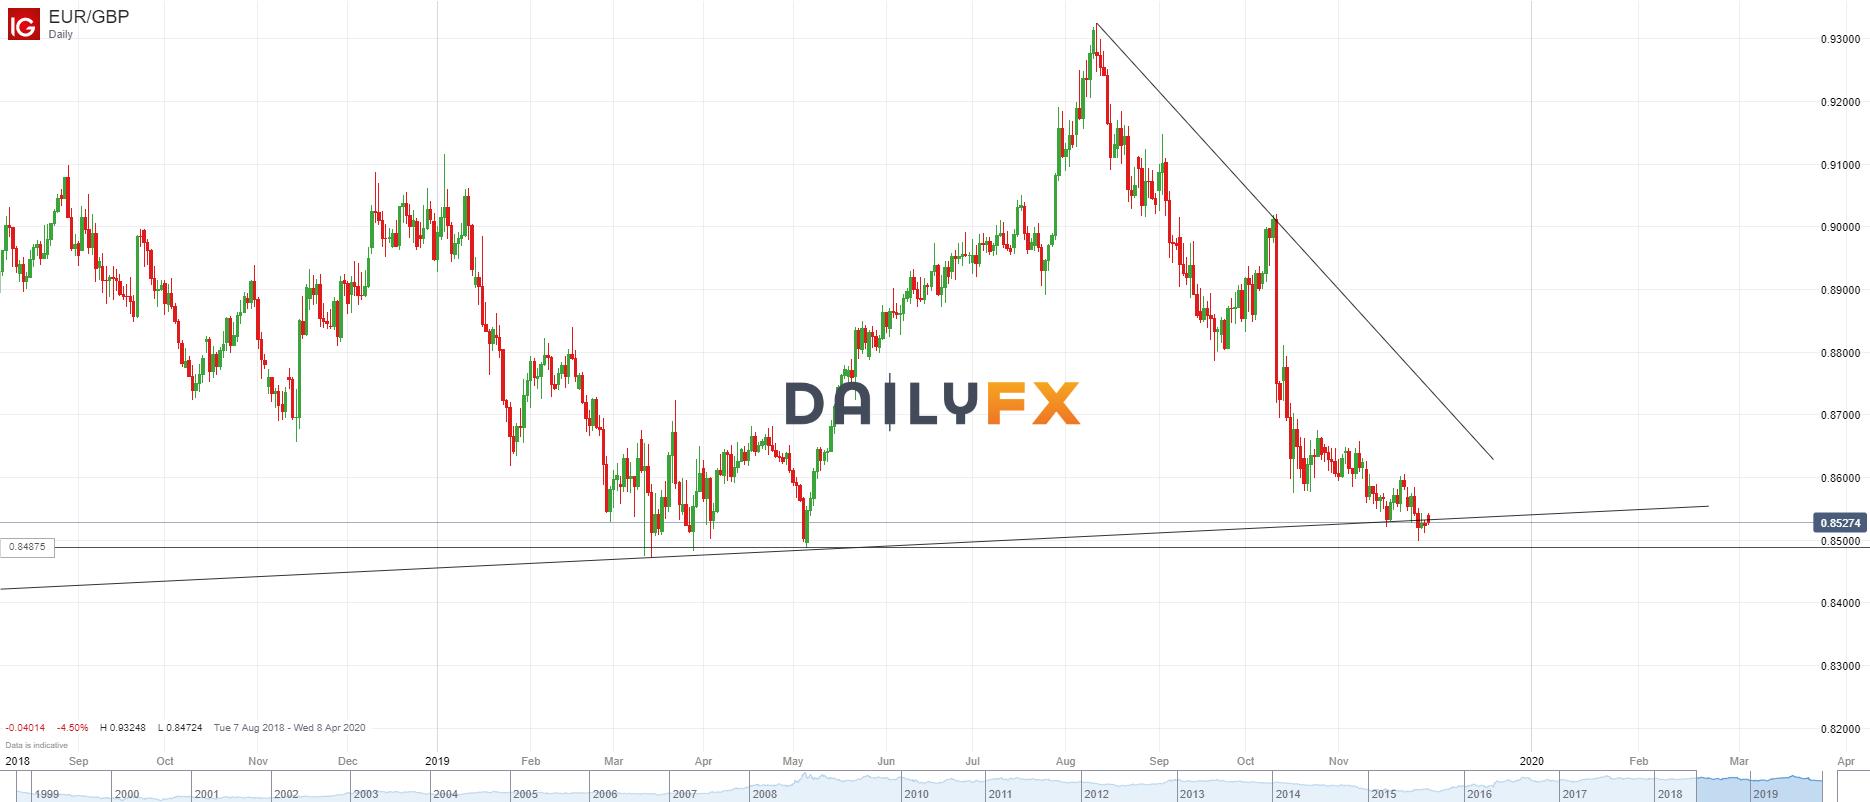 歐元/英鎊技術分析:延續近幾日在0.8500上方的窄幅整理